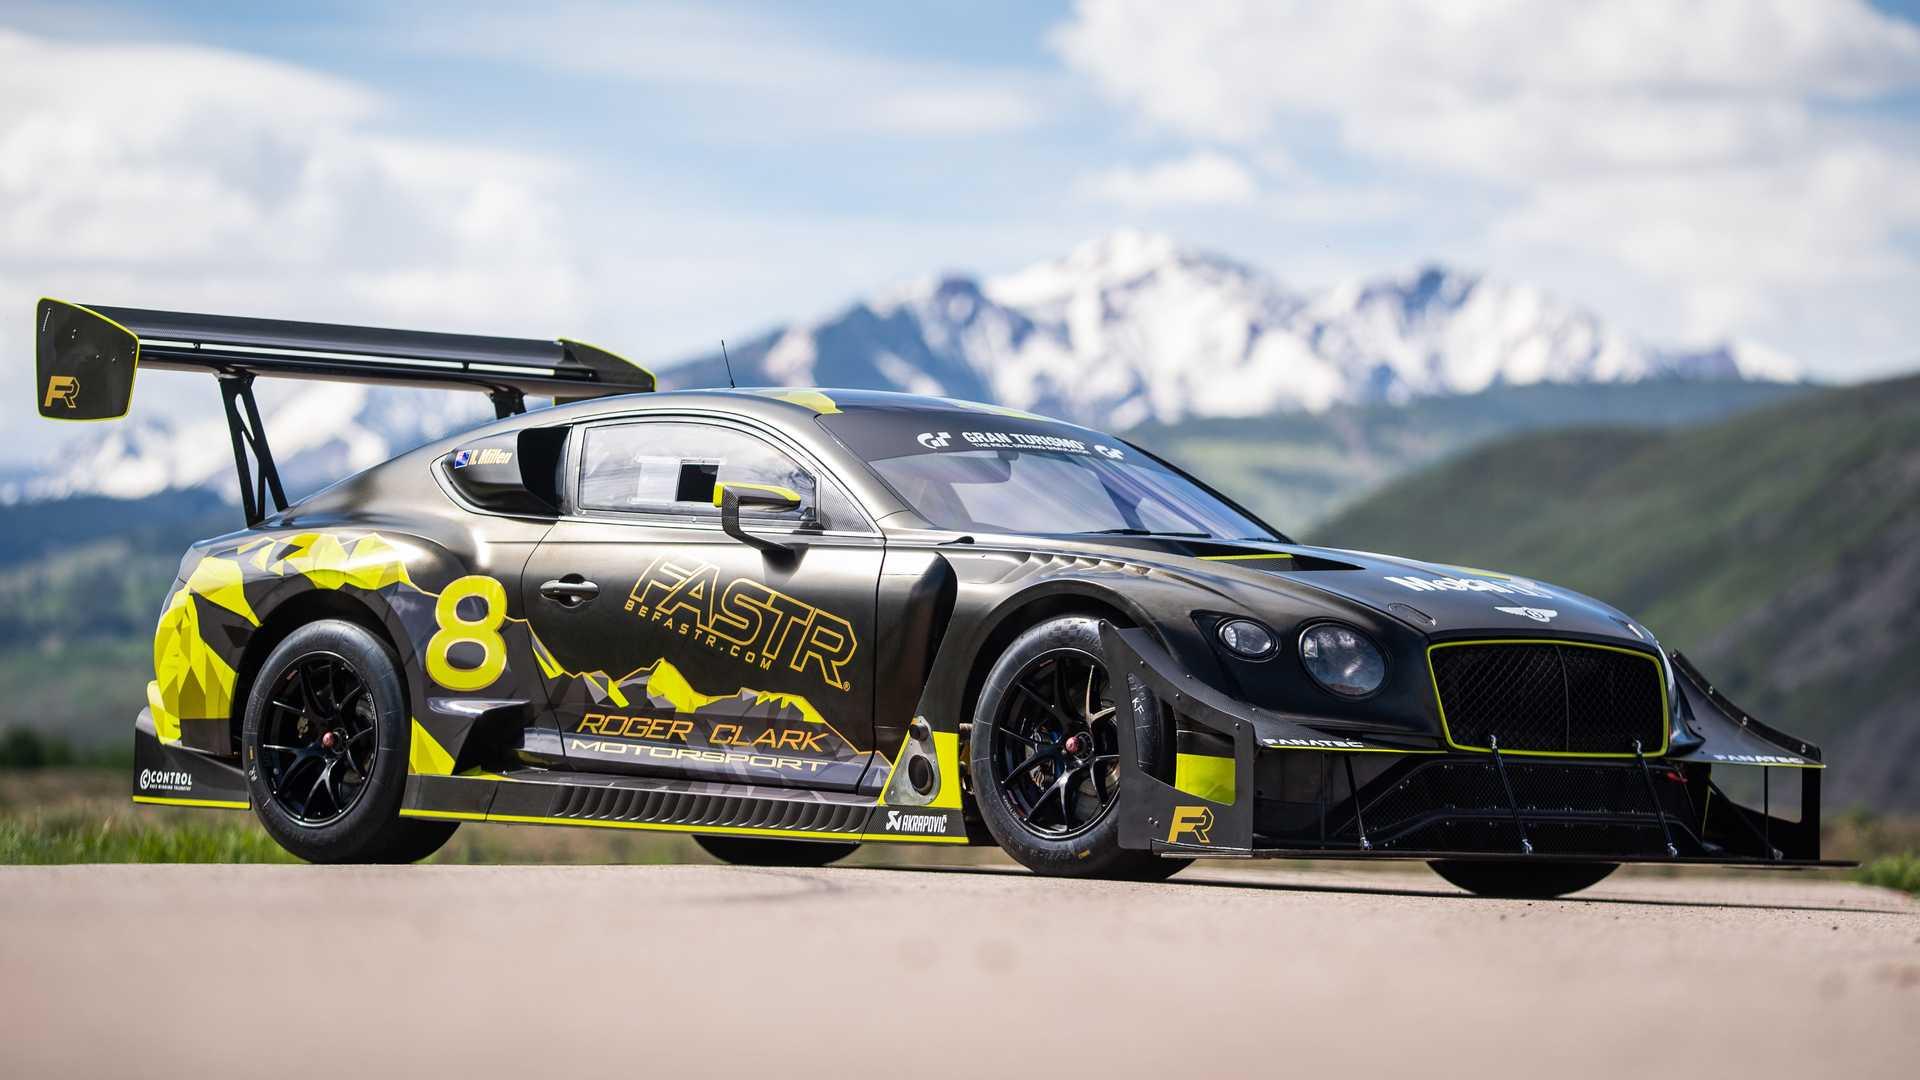 بنتلی کانتیننتال GT3 پایکس پیک، هیولایی پرقدرت با بالی بزرگ!